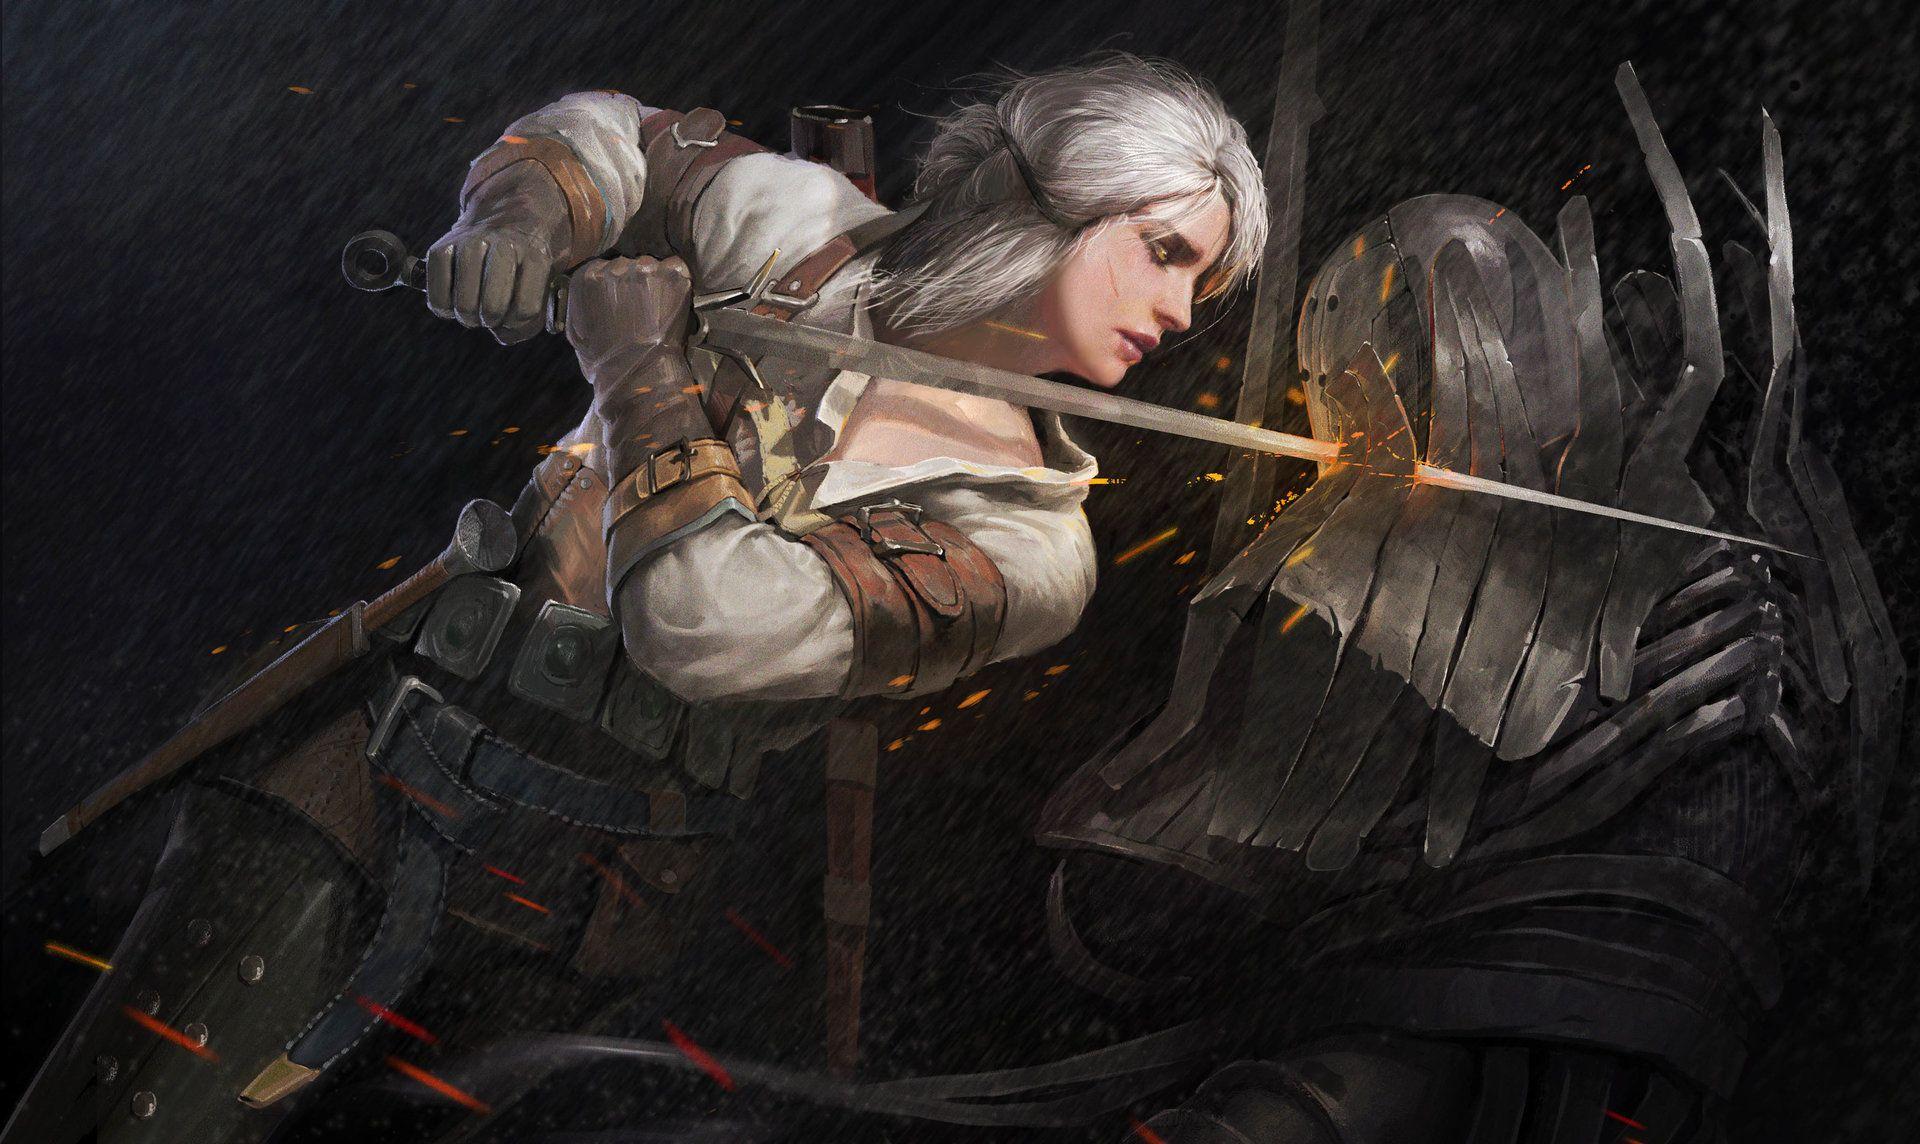 Witcher Ciri art, HD Wallpaper